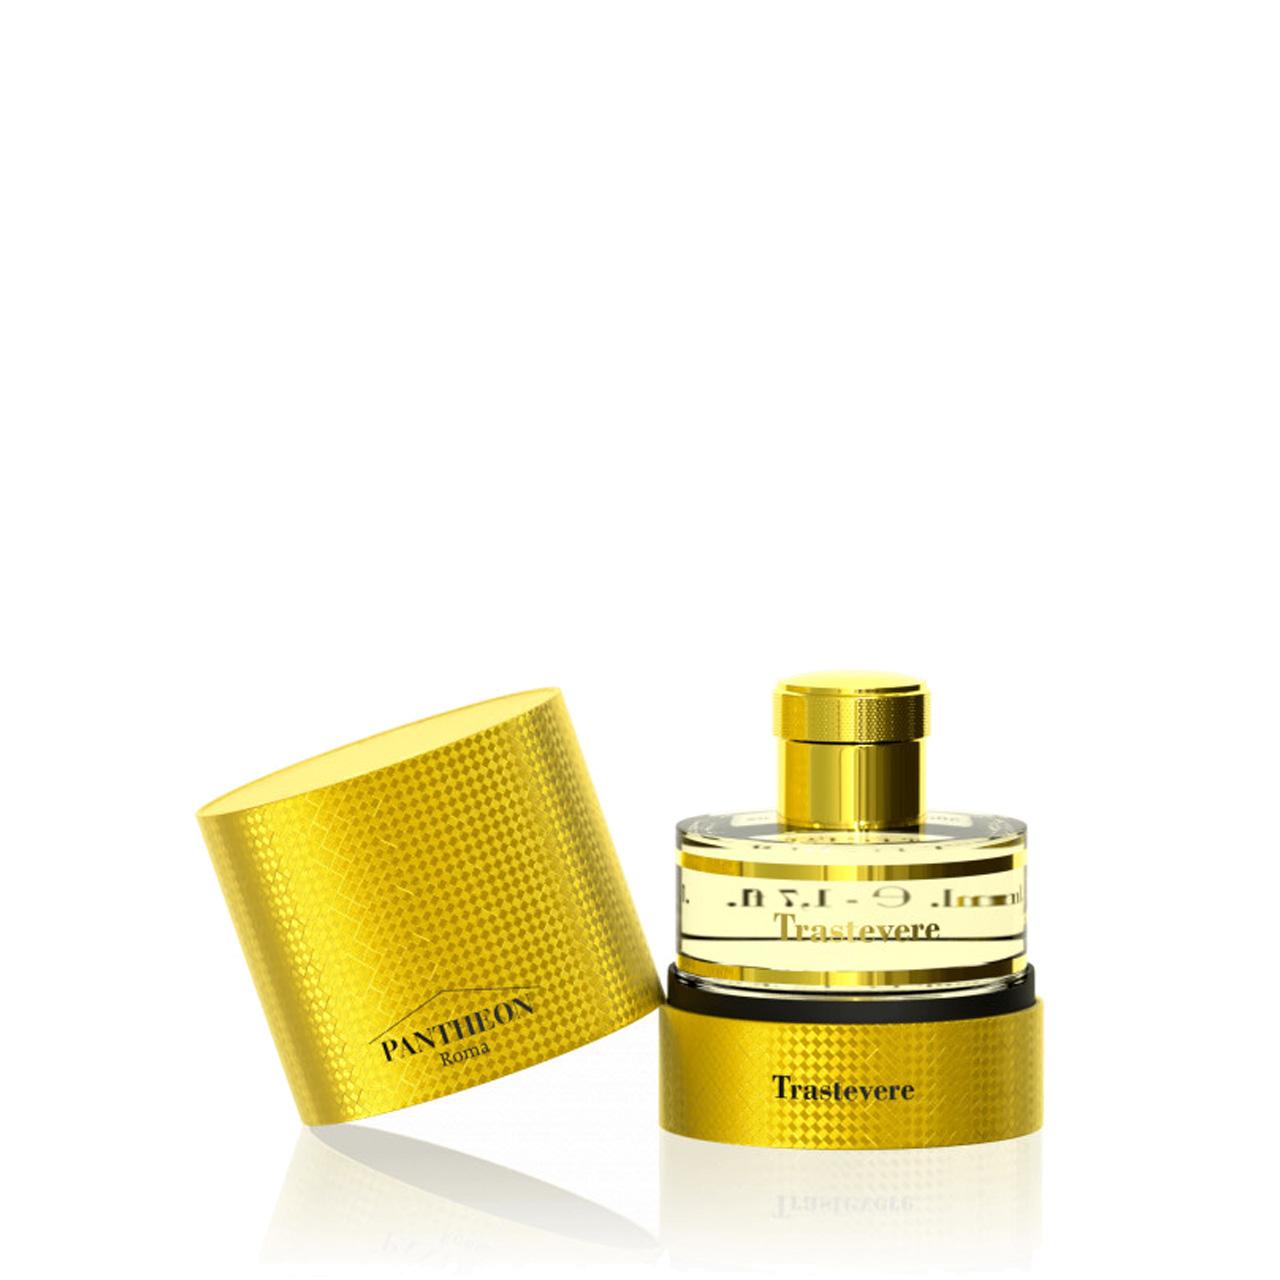 Trastevere - Eau de Parfum